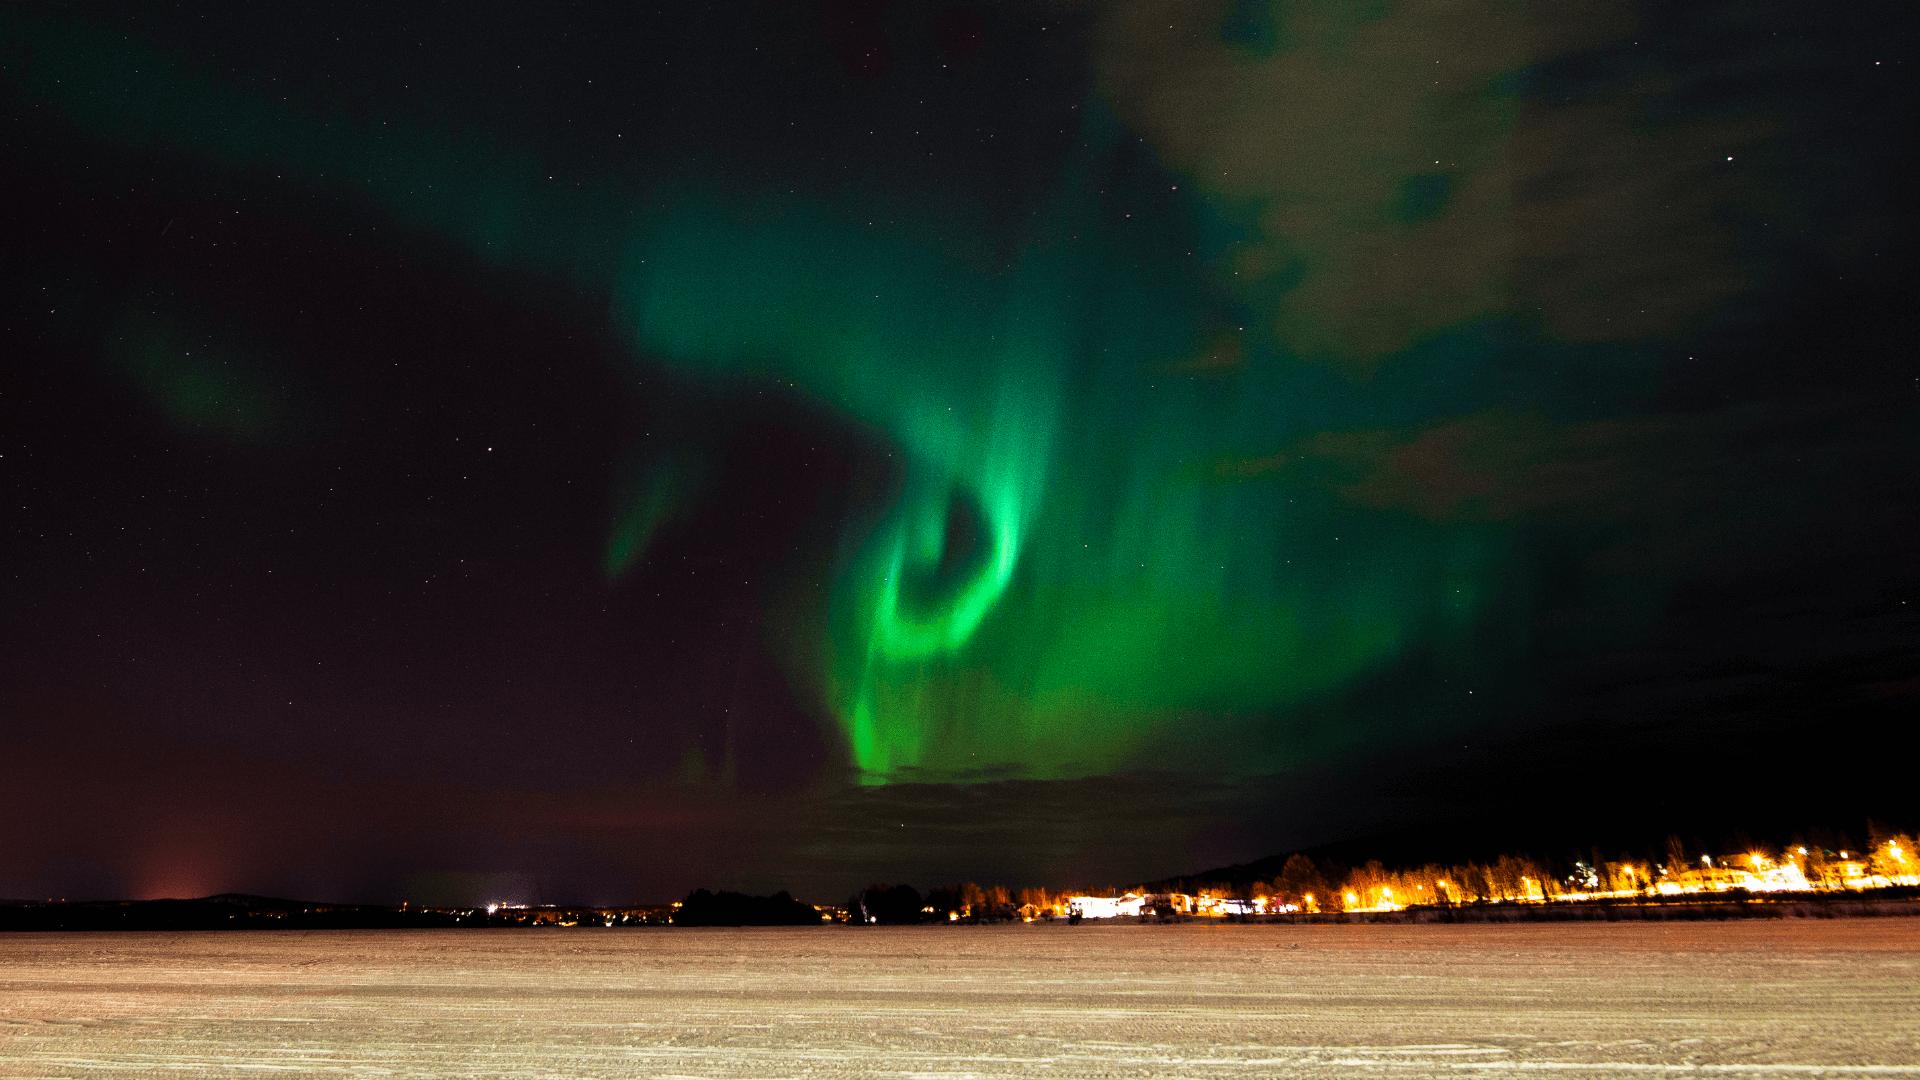 Kuzey Işıklarını Fotoğraflamak